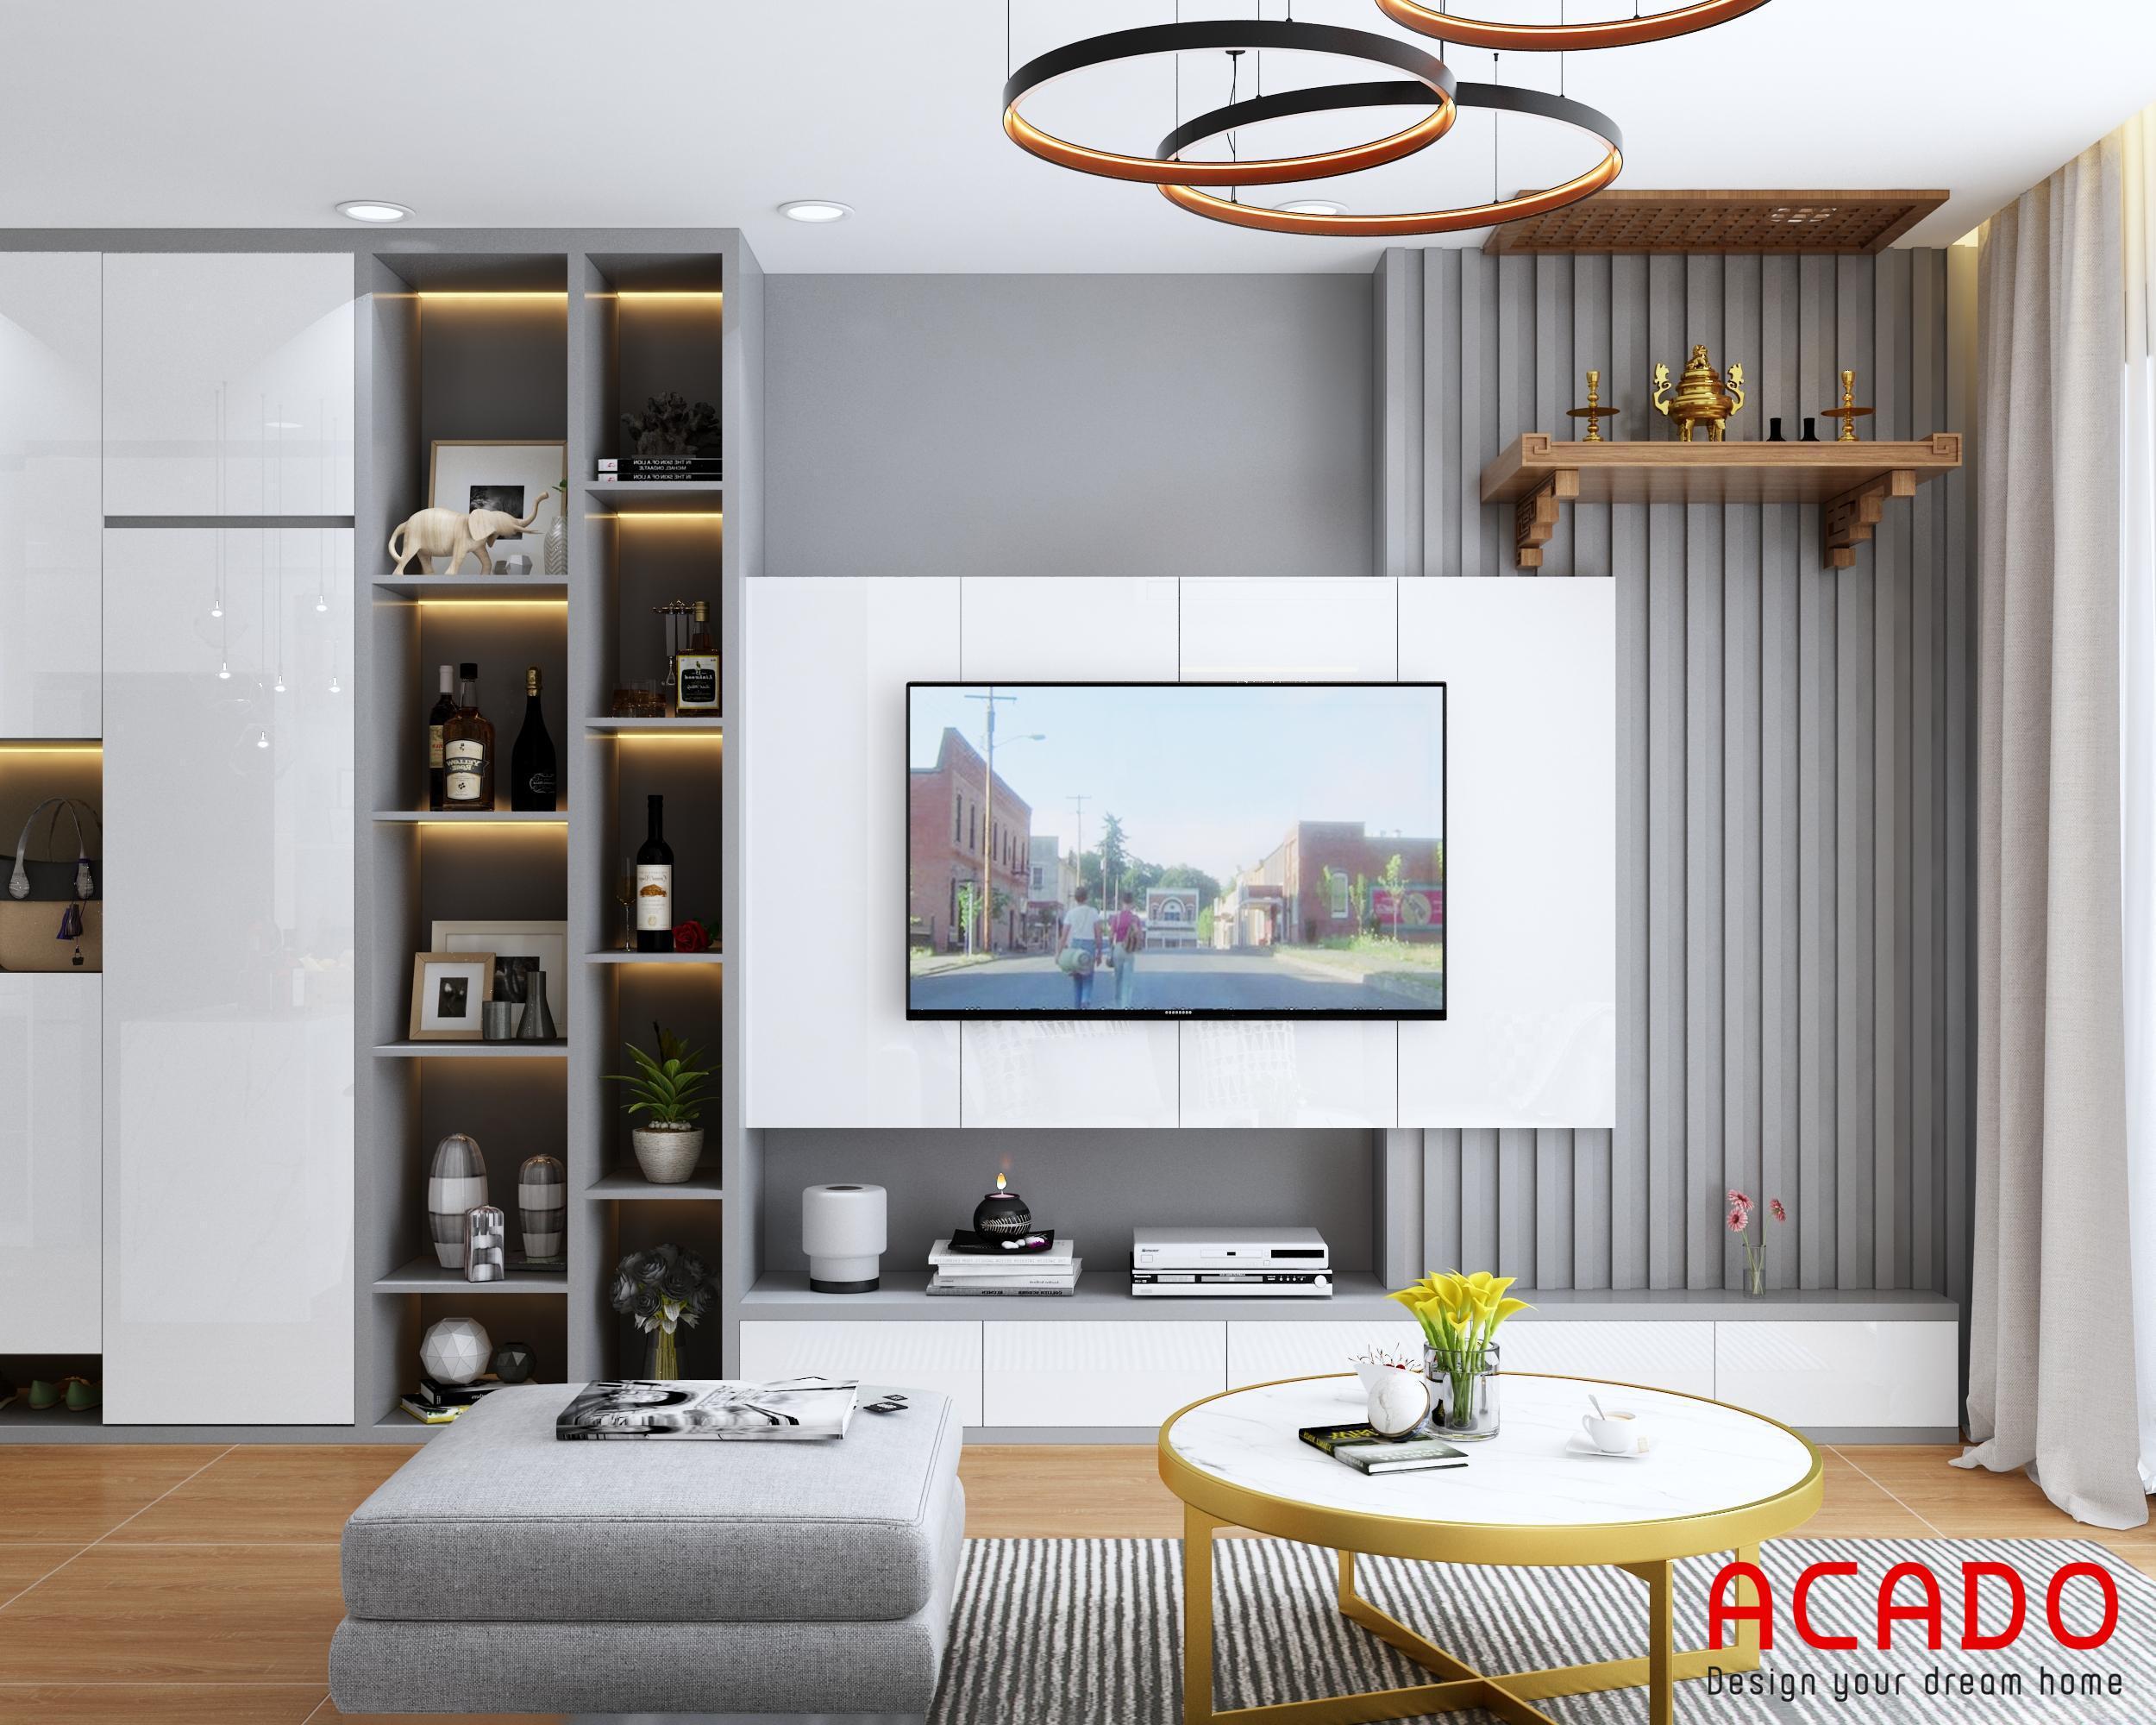 Thiết kế phòng khách hiện đại, kệ tivi treo và tủ trang trí tone màu trắng ghi